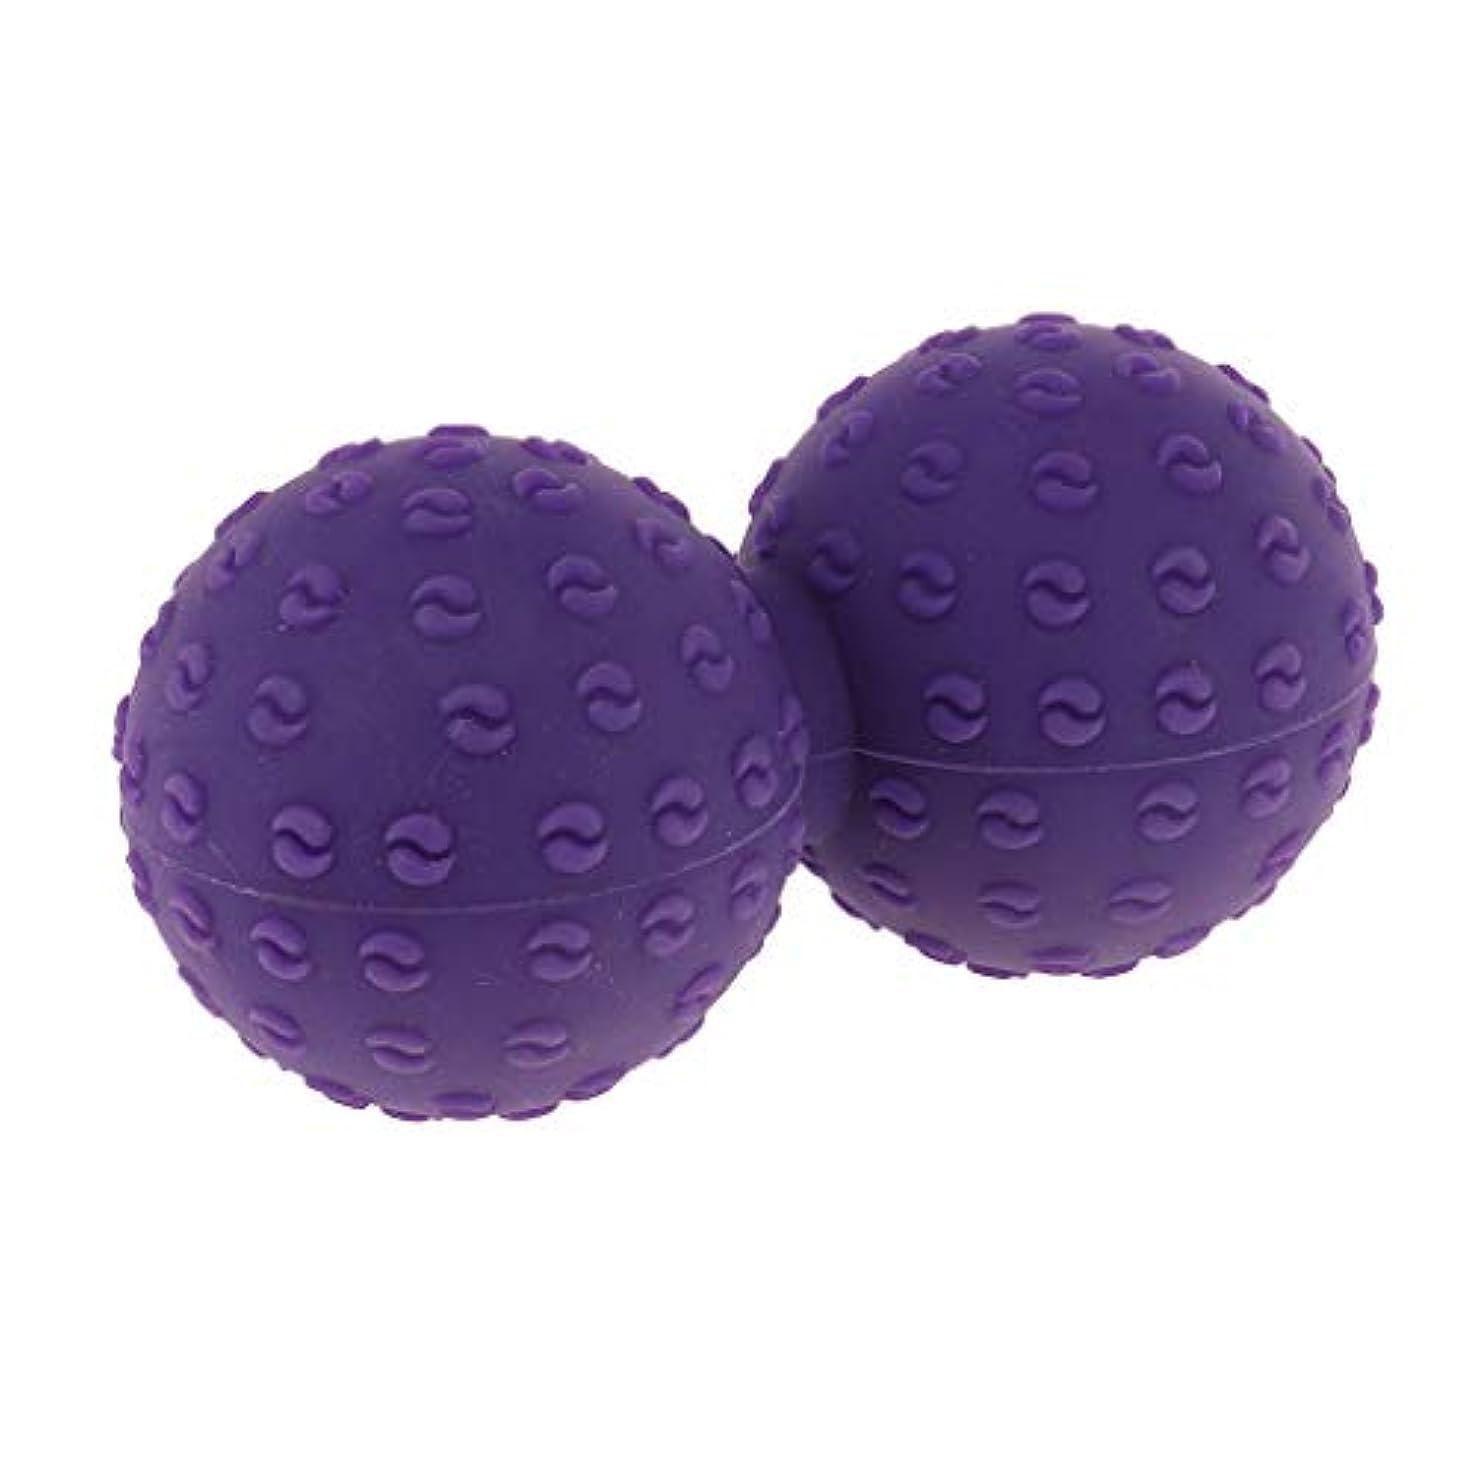 食品解凍する、雪解け、霜解けやけどシリコンマッサージボール 指圧ボール ピーナッツ トリガーポイント ツボ押しグッズ ヨガ 全6色 - 紫, 説明のとおり